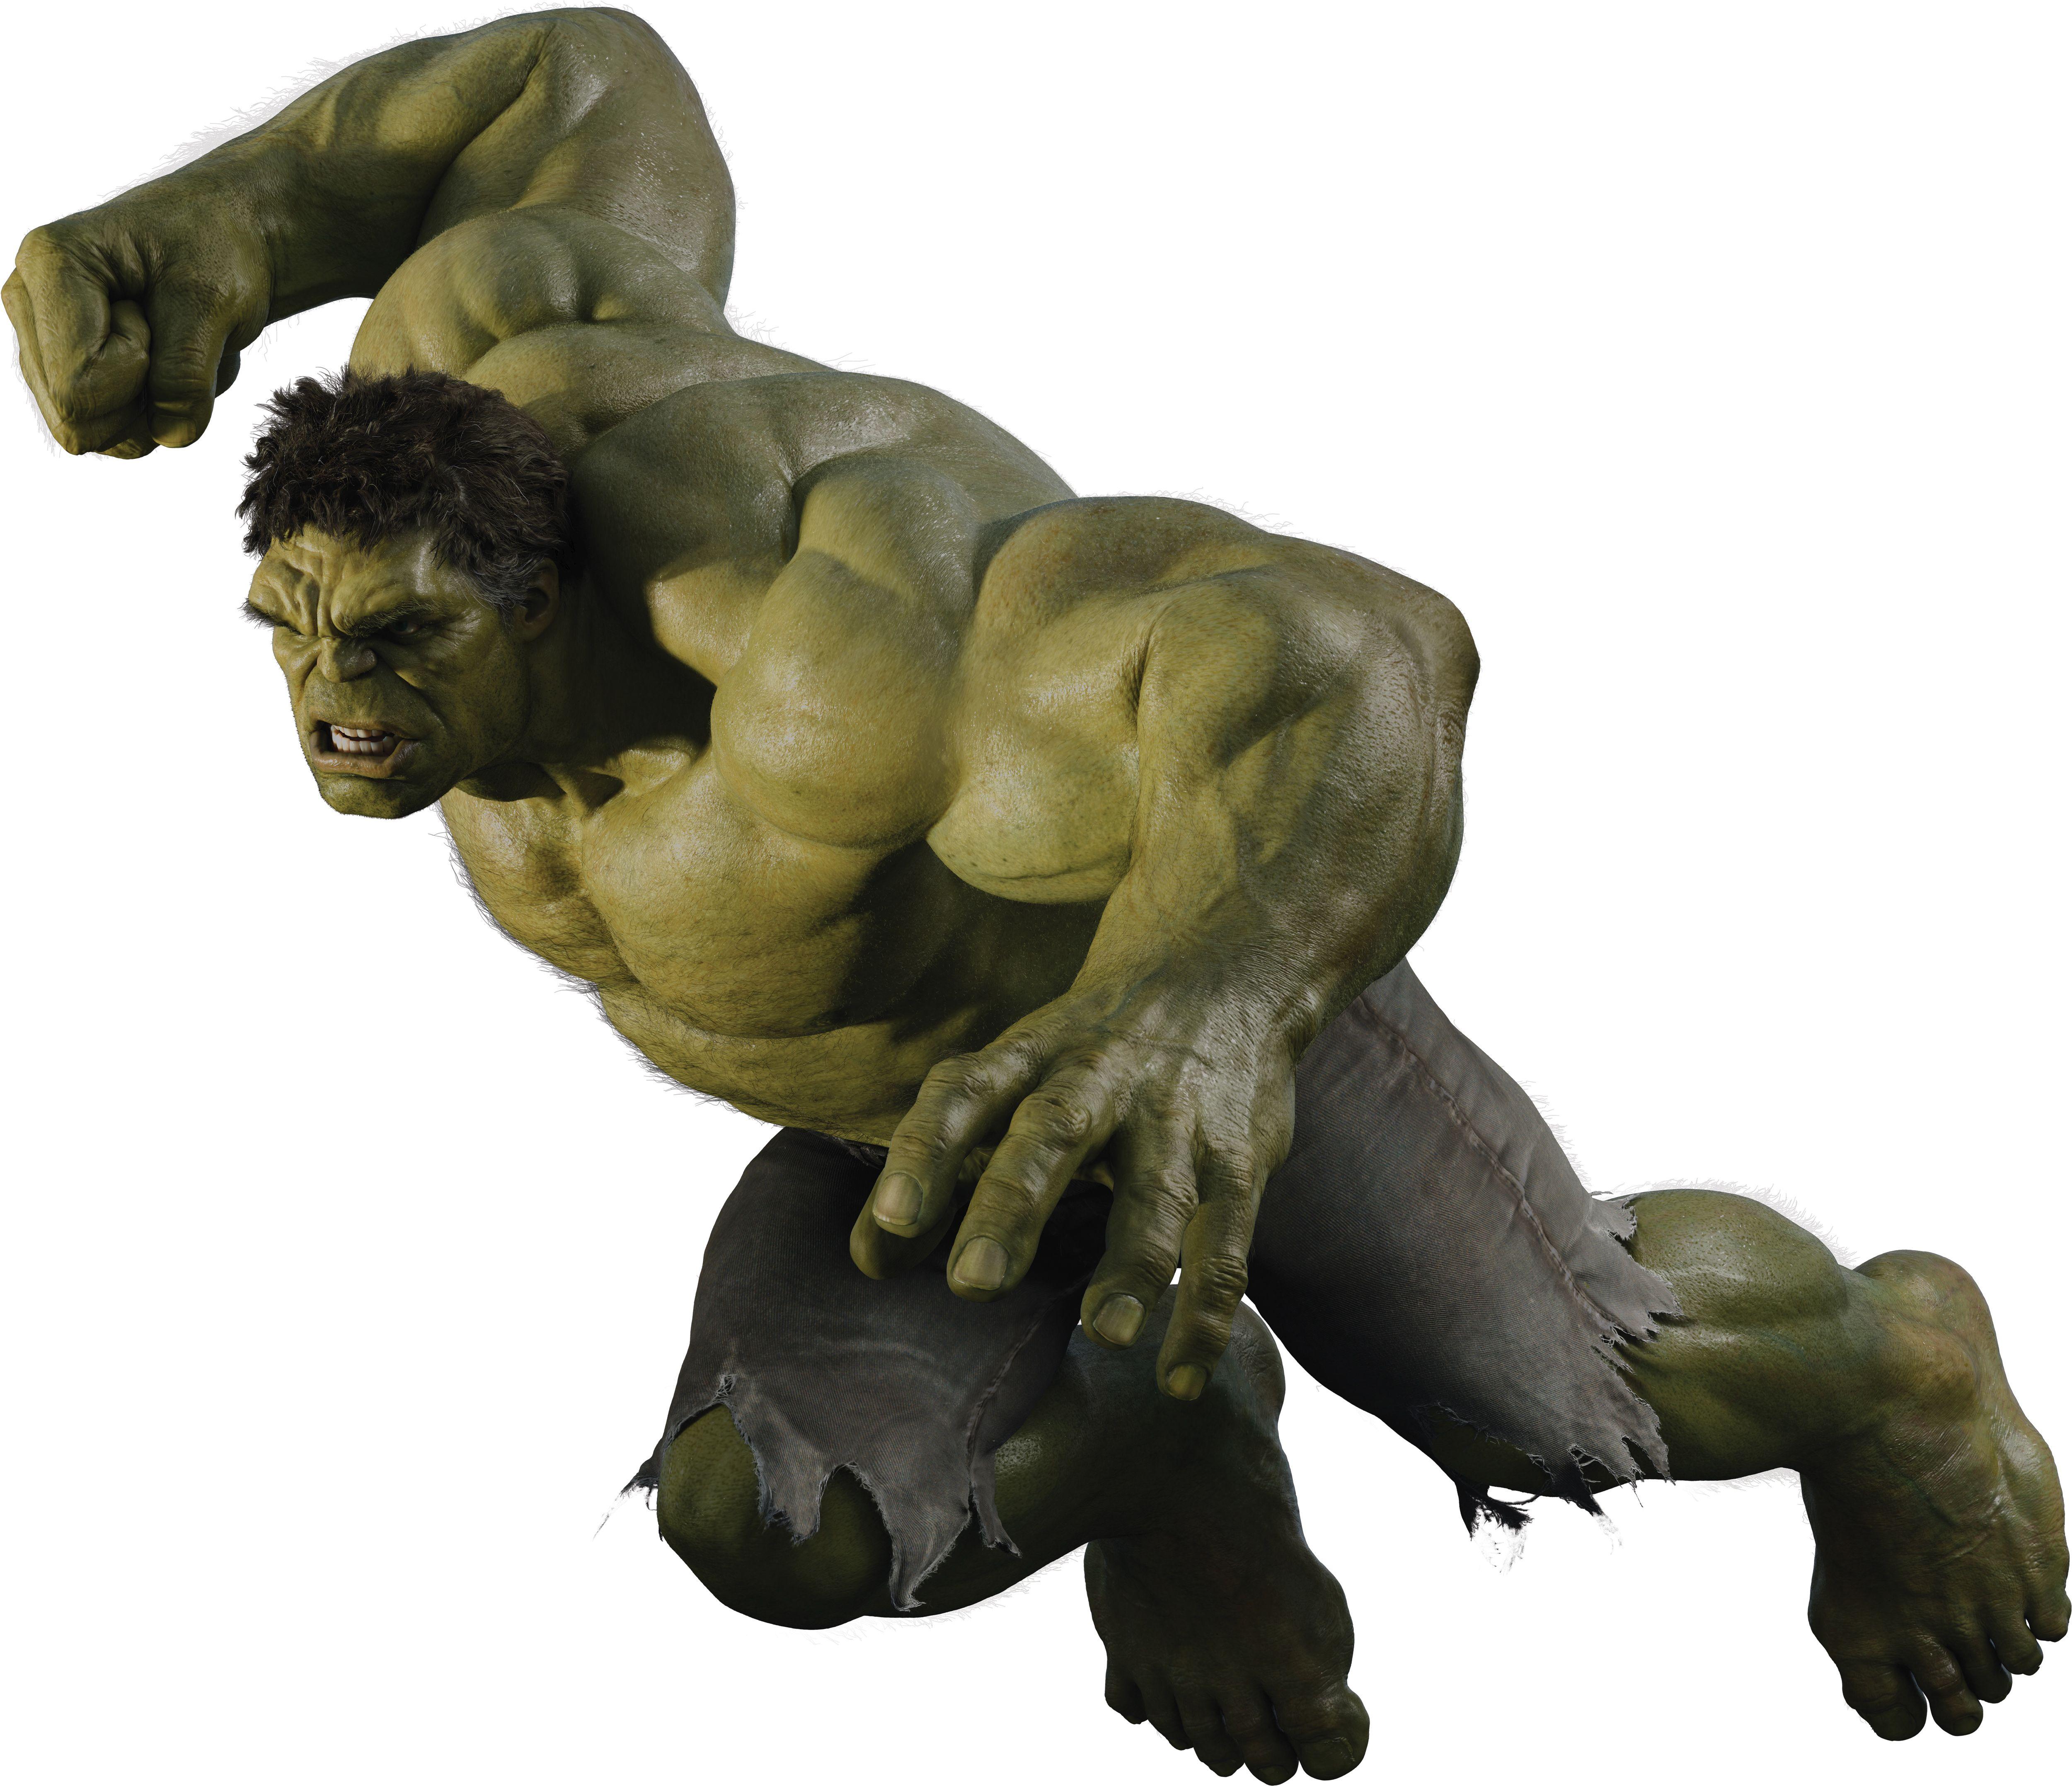 Only Hulk Biggerrrrr Hulk Avengers Hulk Marvel